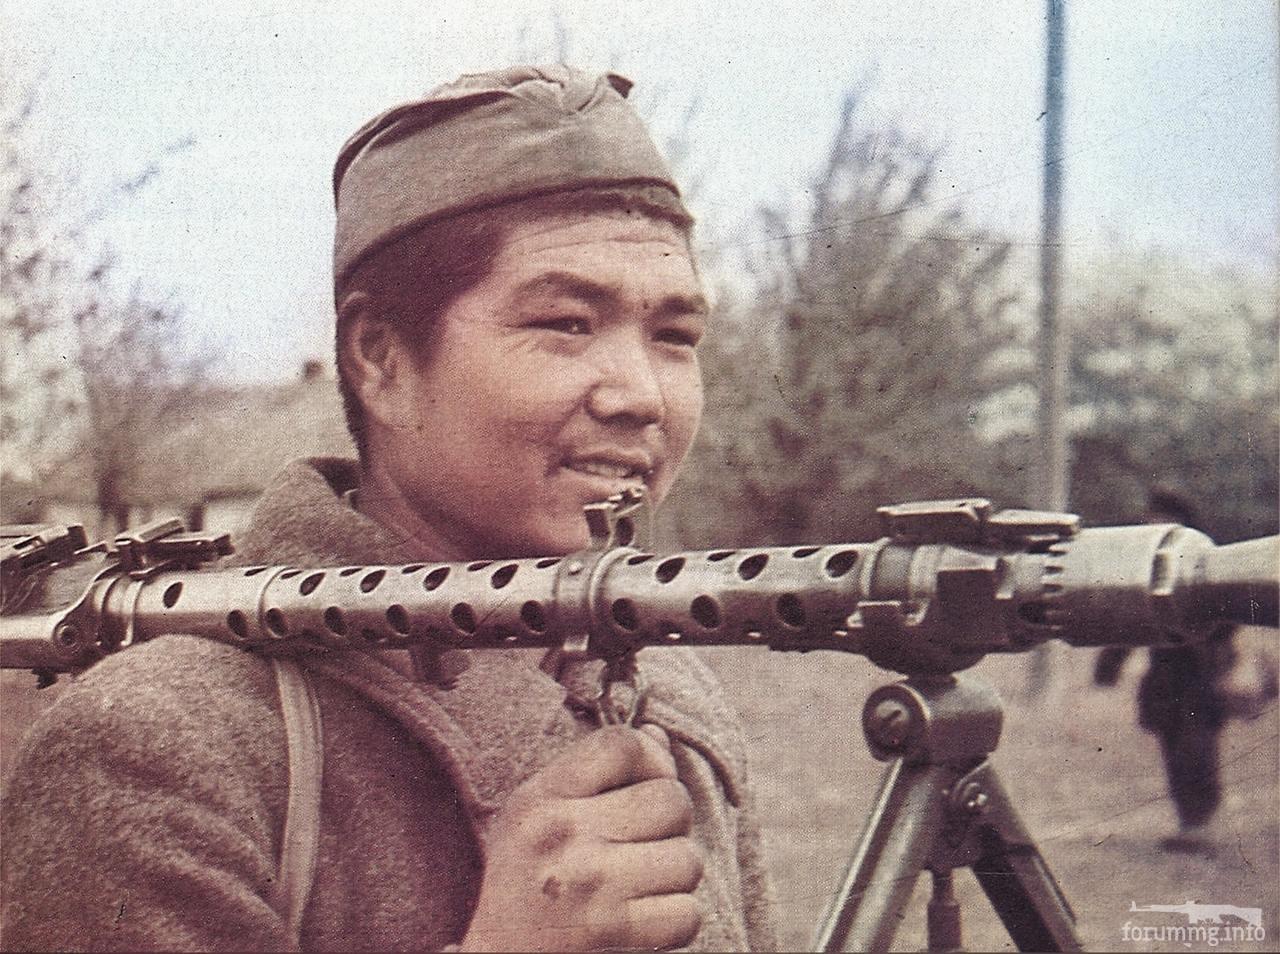 132286 - Военное фото 1941-1945 г.г. Восточный фронт.